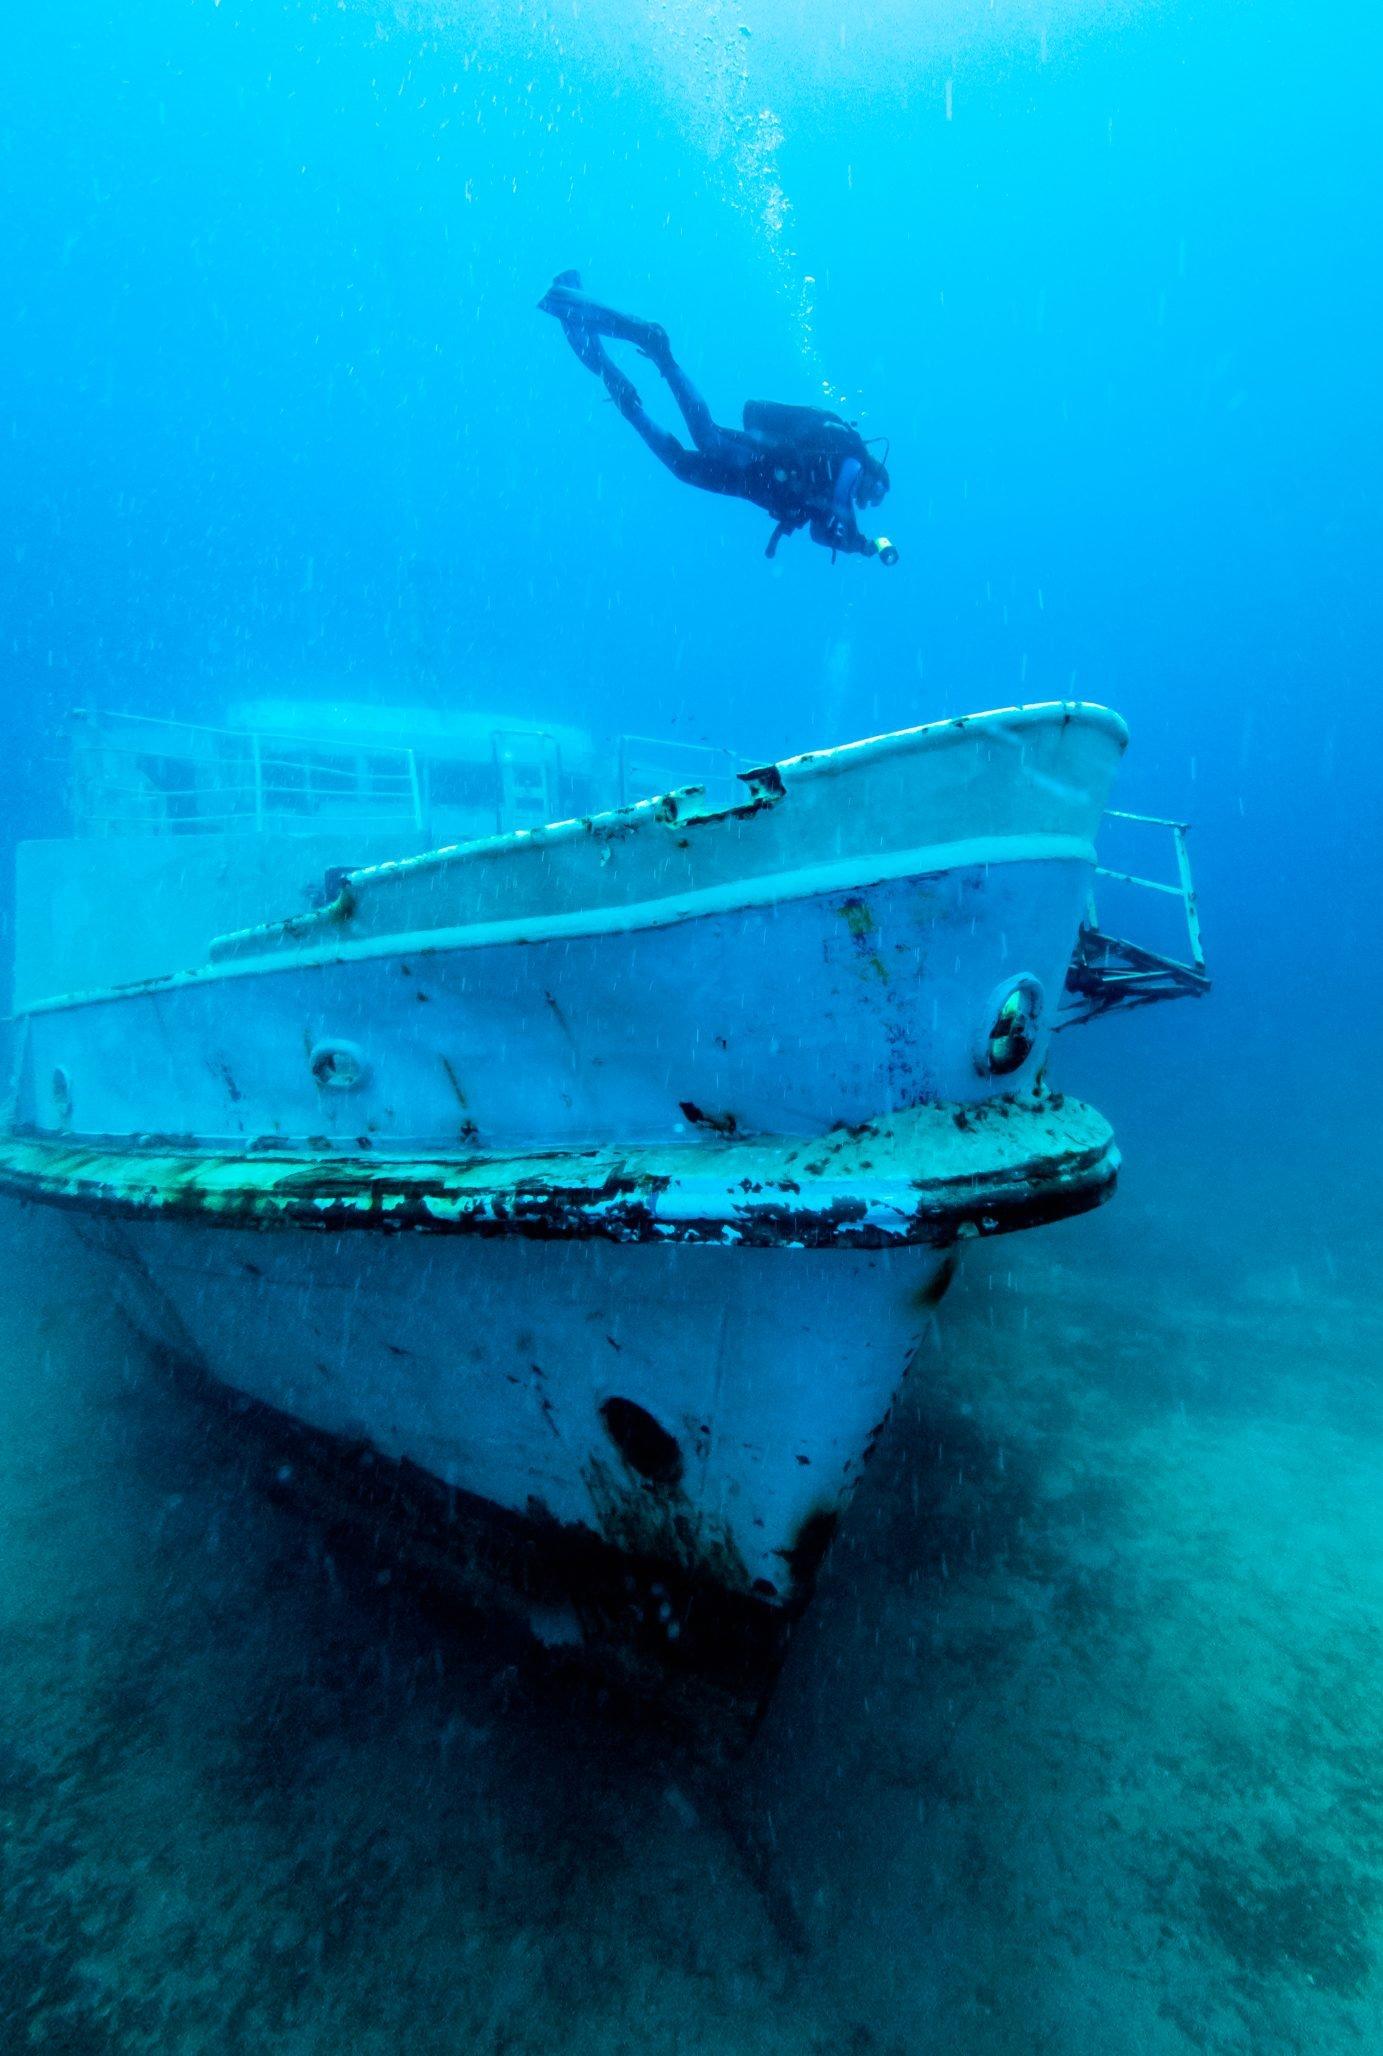 MV Karwela Wreck and Diver - Gozo, Malta